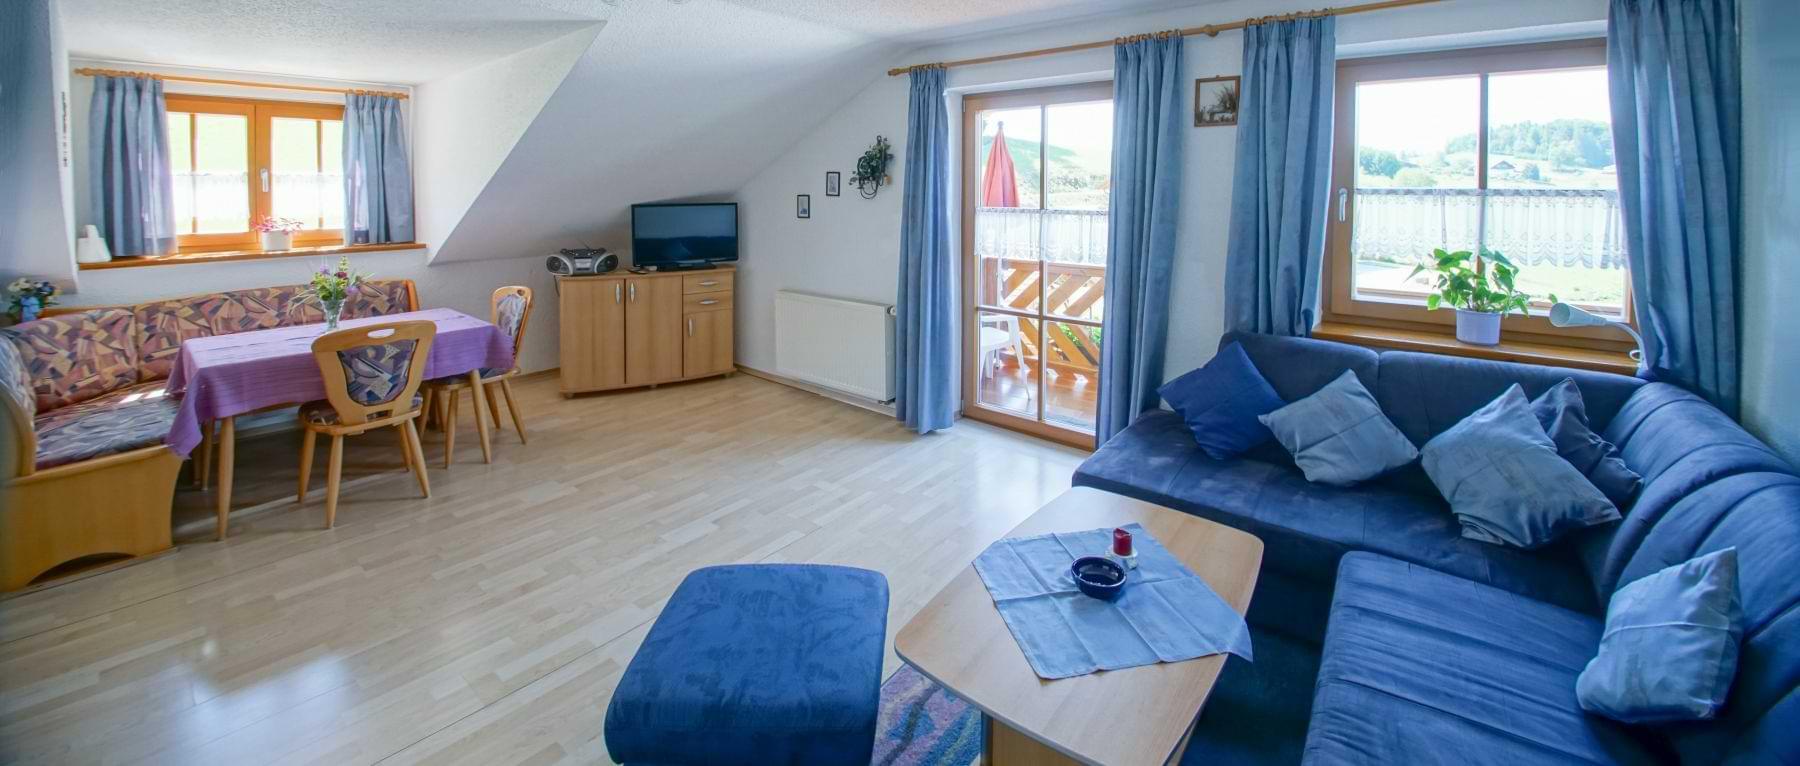 schauberger-hofblick-ferienwohnung-bayerwald-wohnzimmer